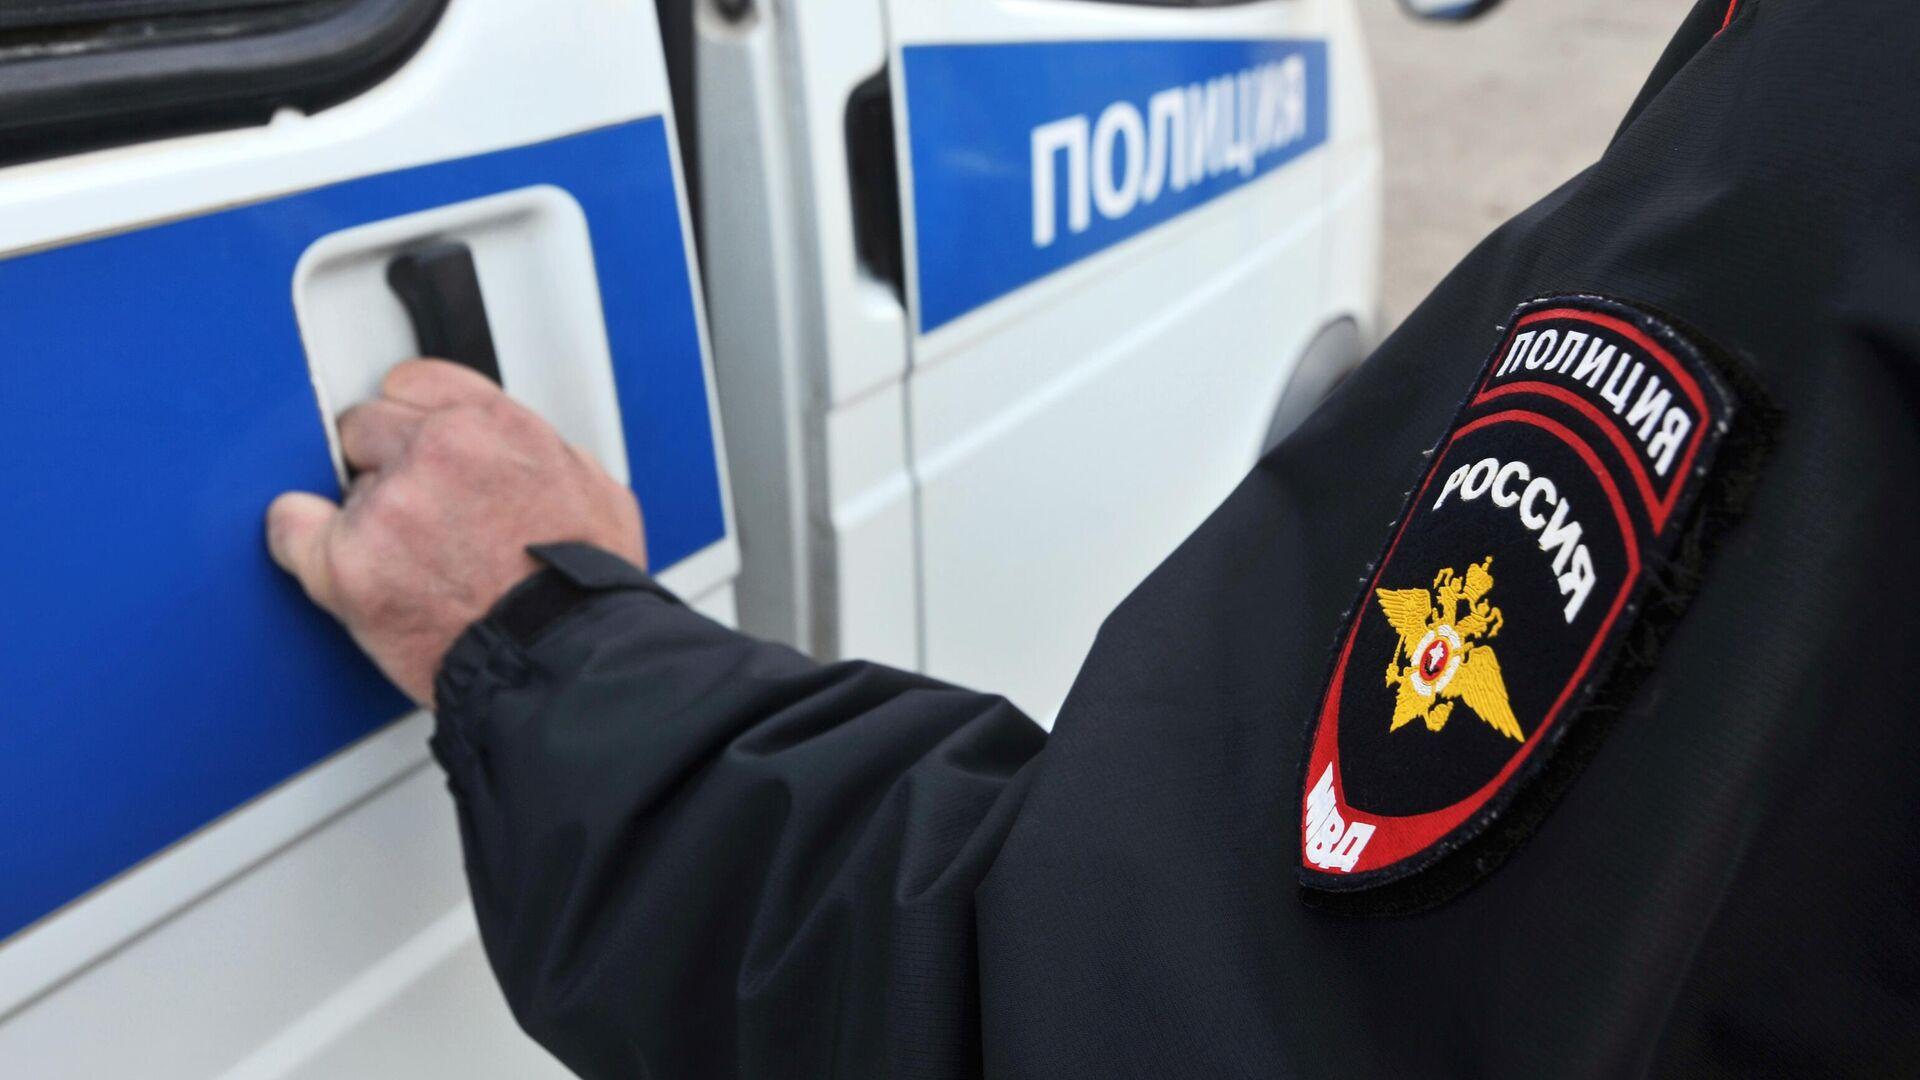 Сотрудник полиции - РИА Новости, 1920, 10.08.2020